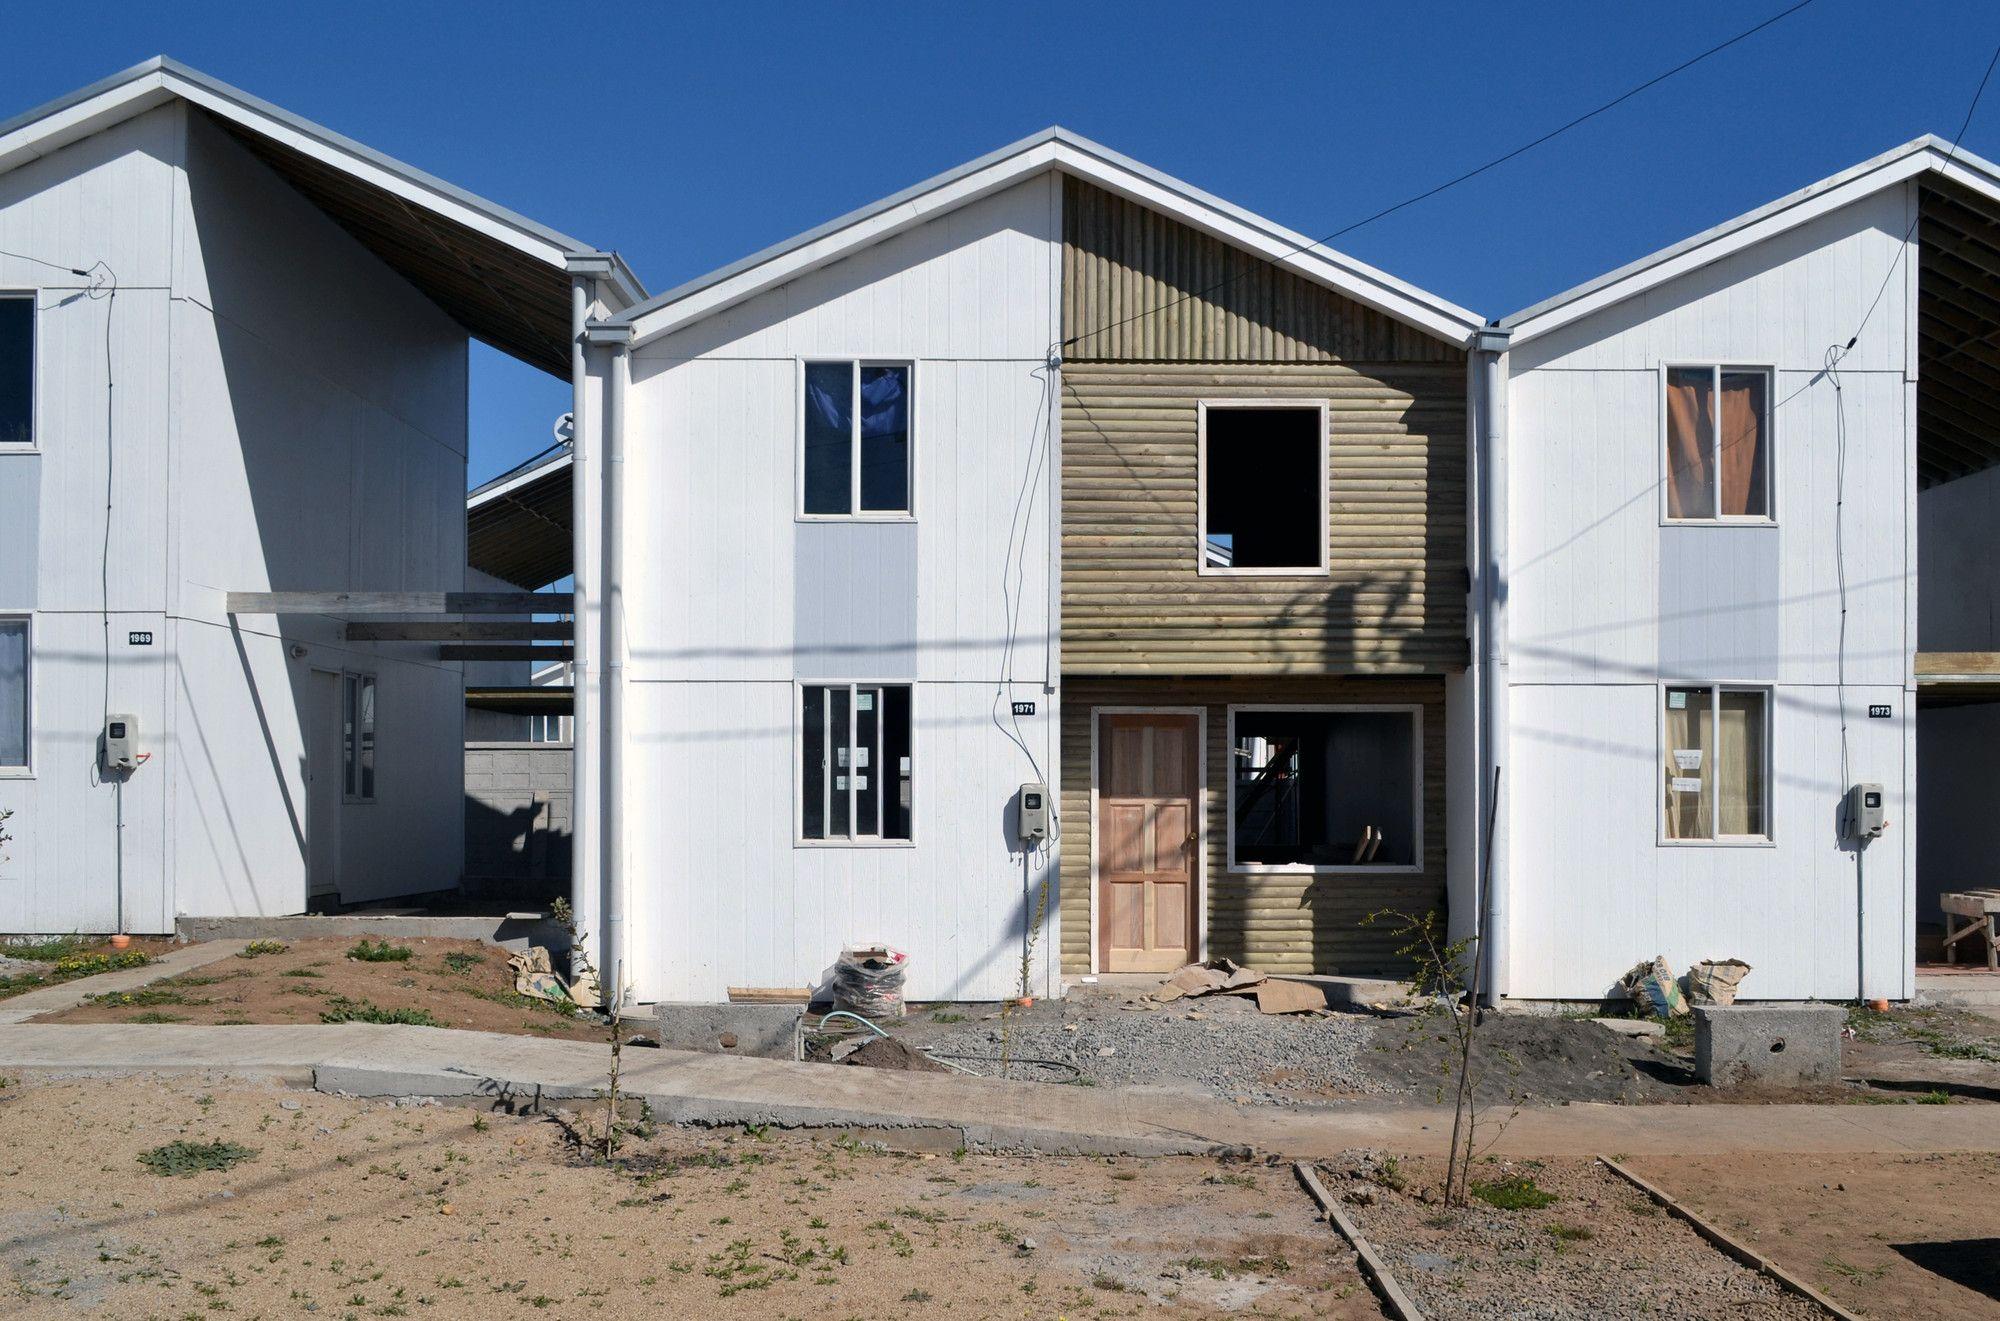 Tipologia Habitacional Metade Pronta Do Elemental Um Sucesso Em Qualquer Circunstancia Social Housing Social Housing Architecture Affordable Housing